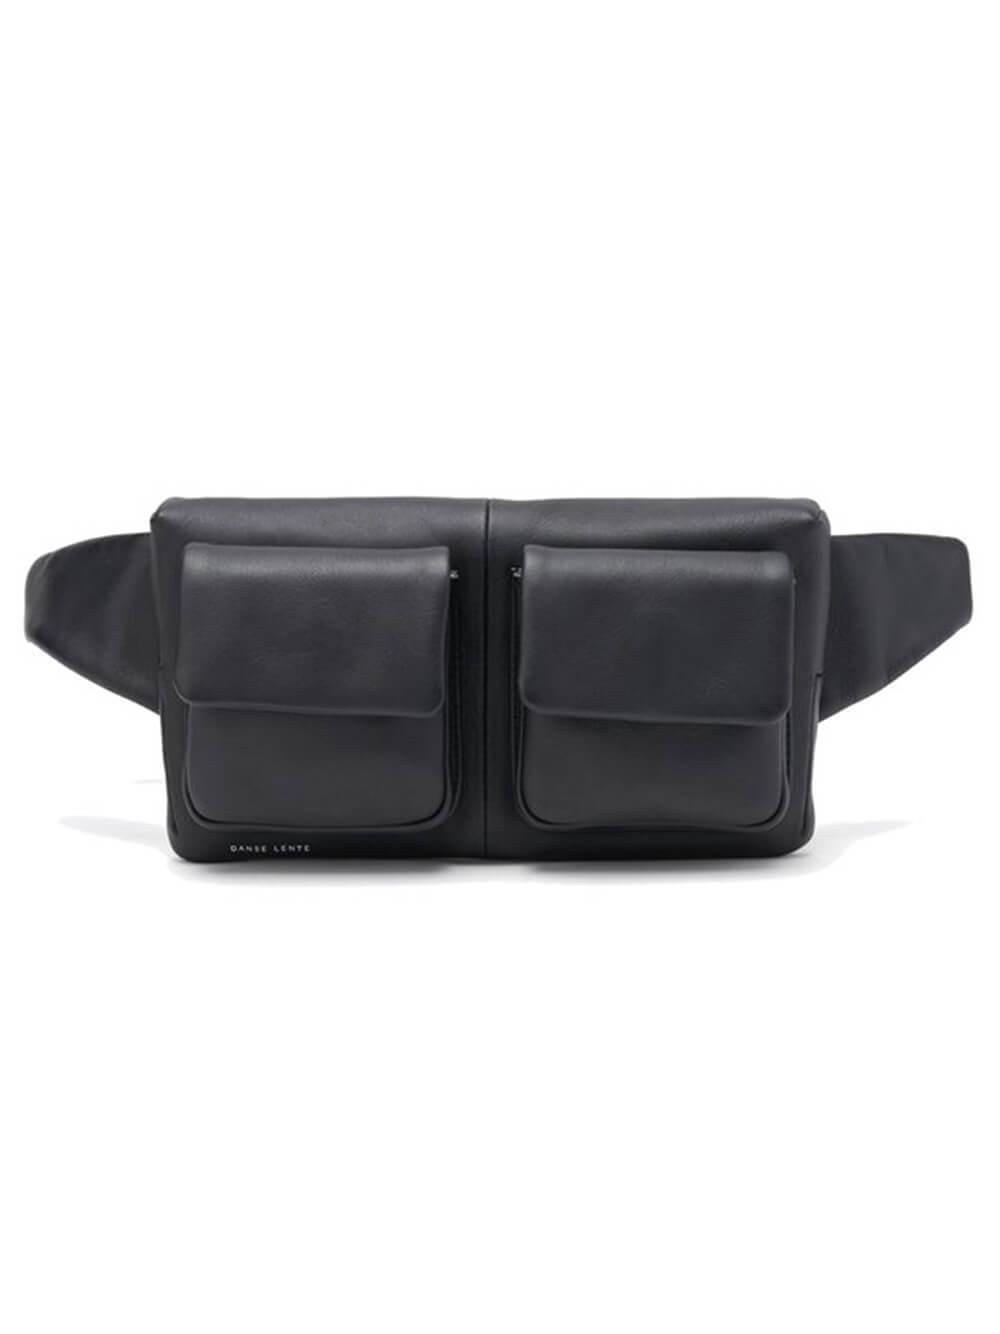 Siamese Belt Bag Item # S21-50-3497